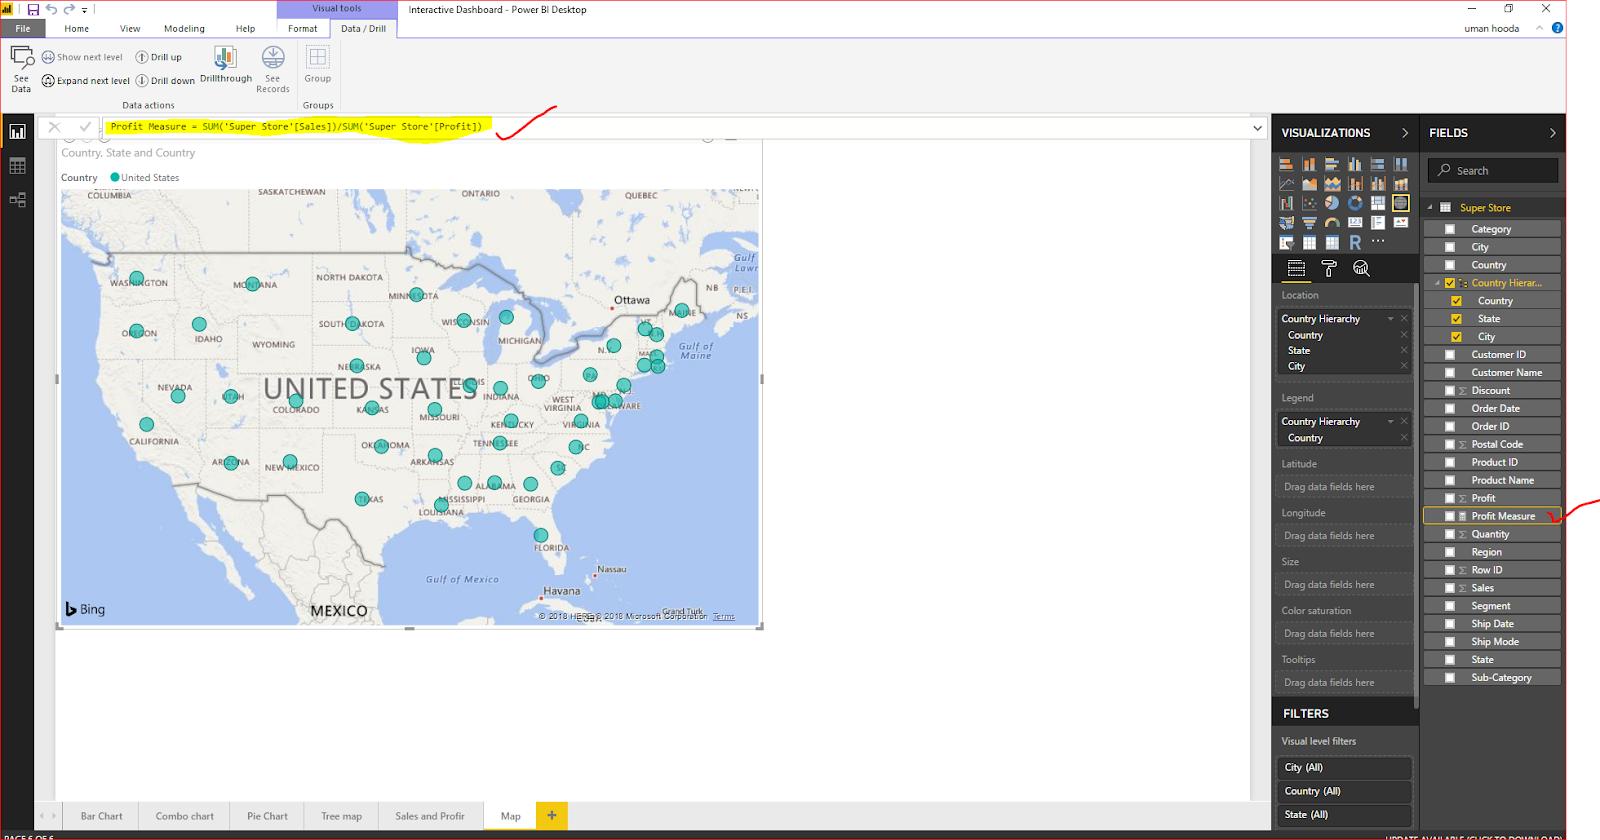 Interactive Dashboard In Microsoft Power BI 53